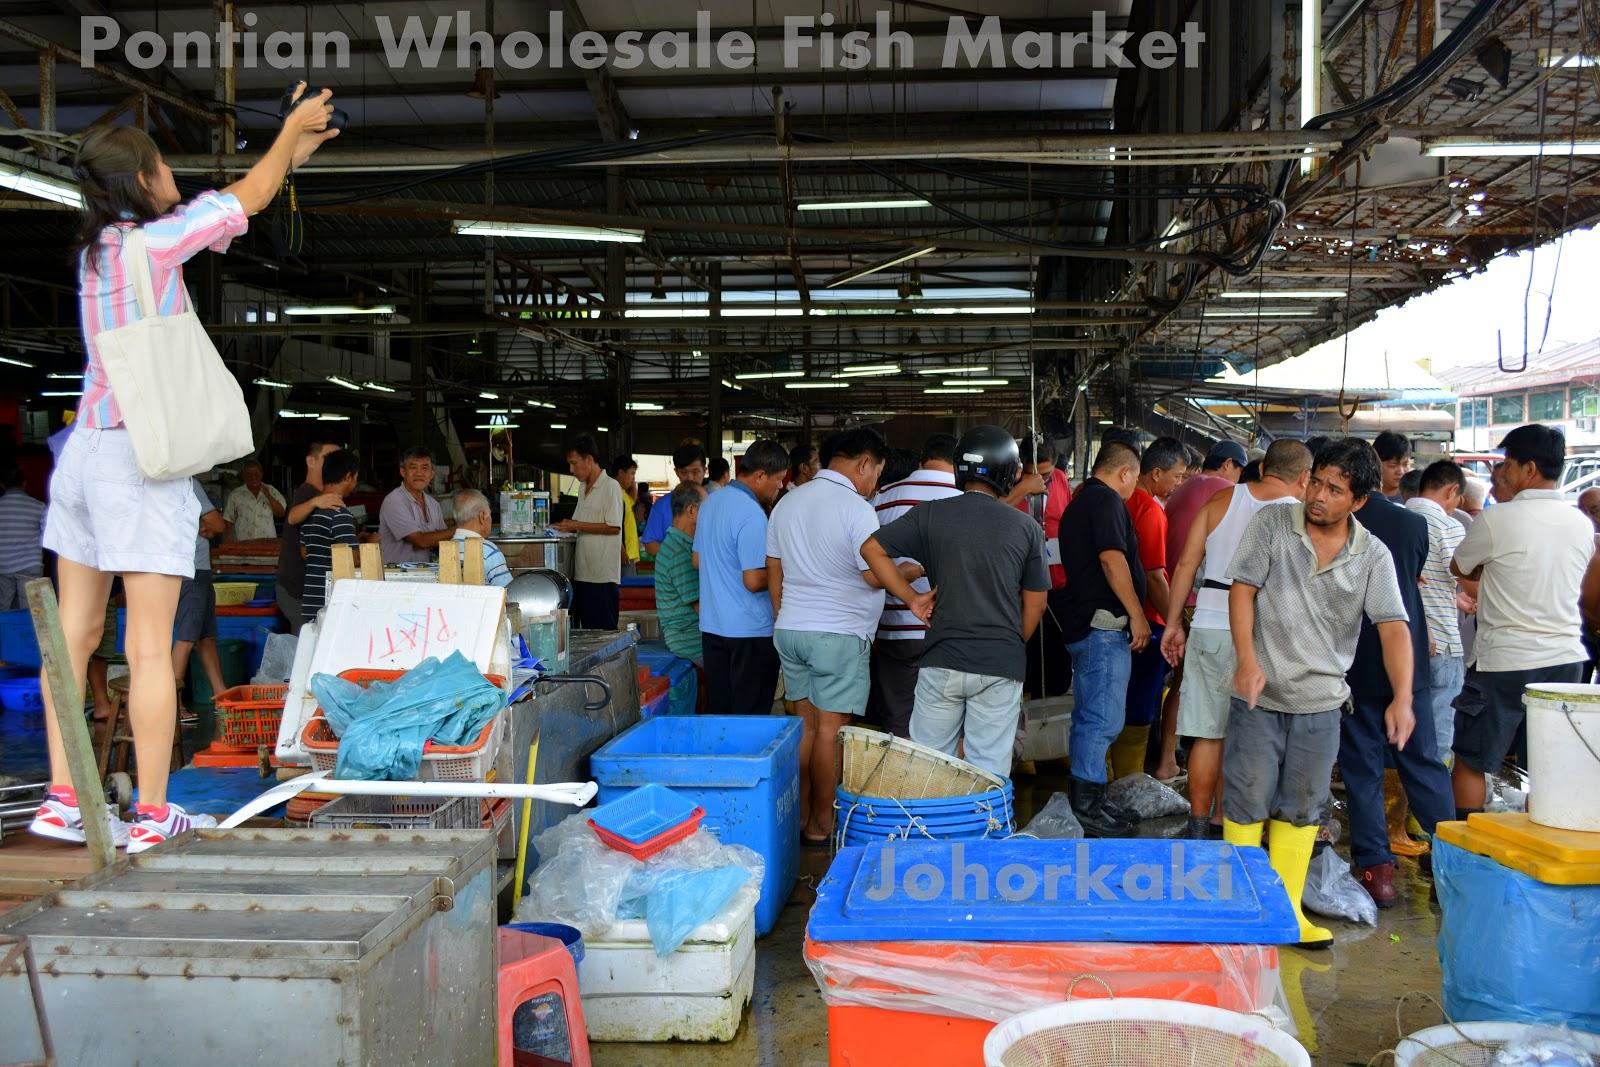 Pontian wholesale fish market second post johor kaki for Wholesale fish market